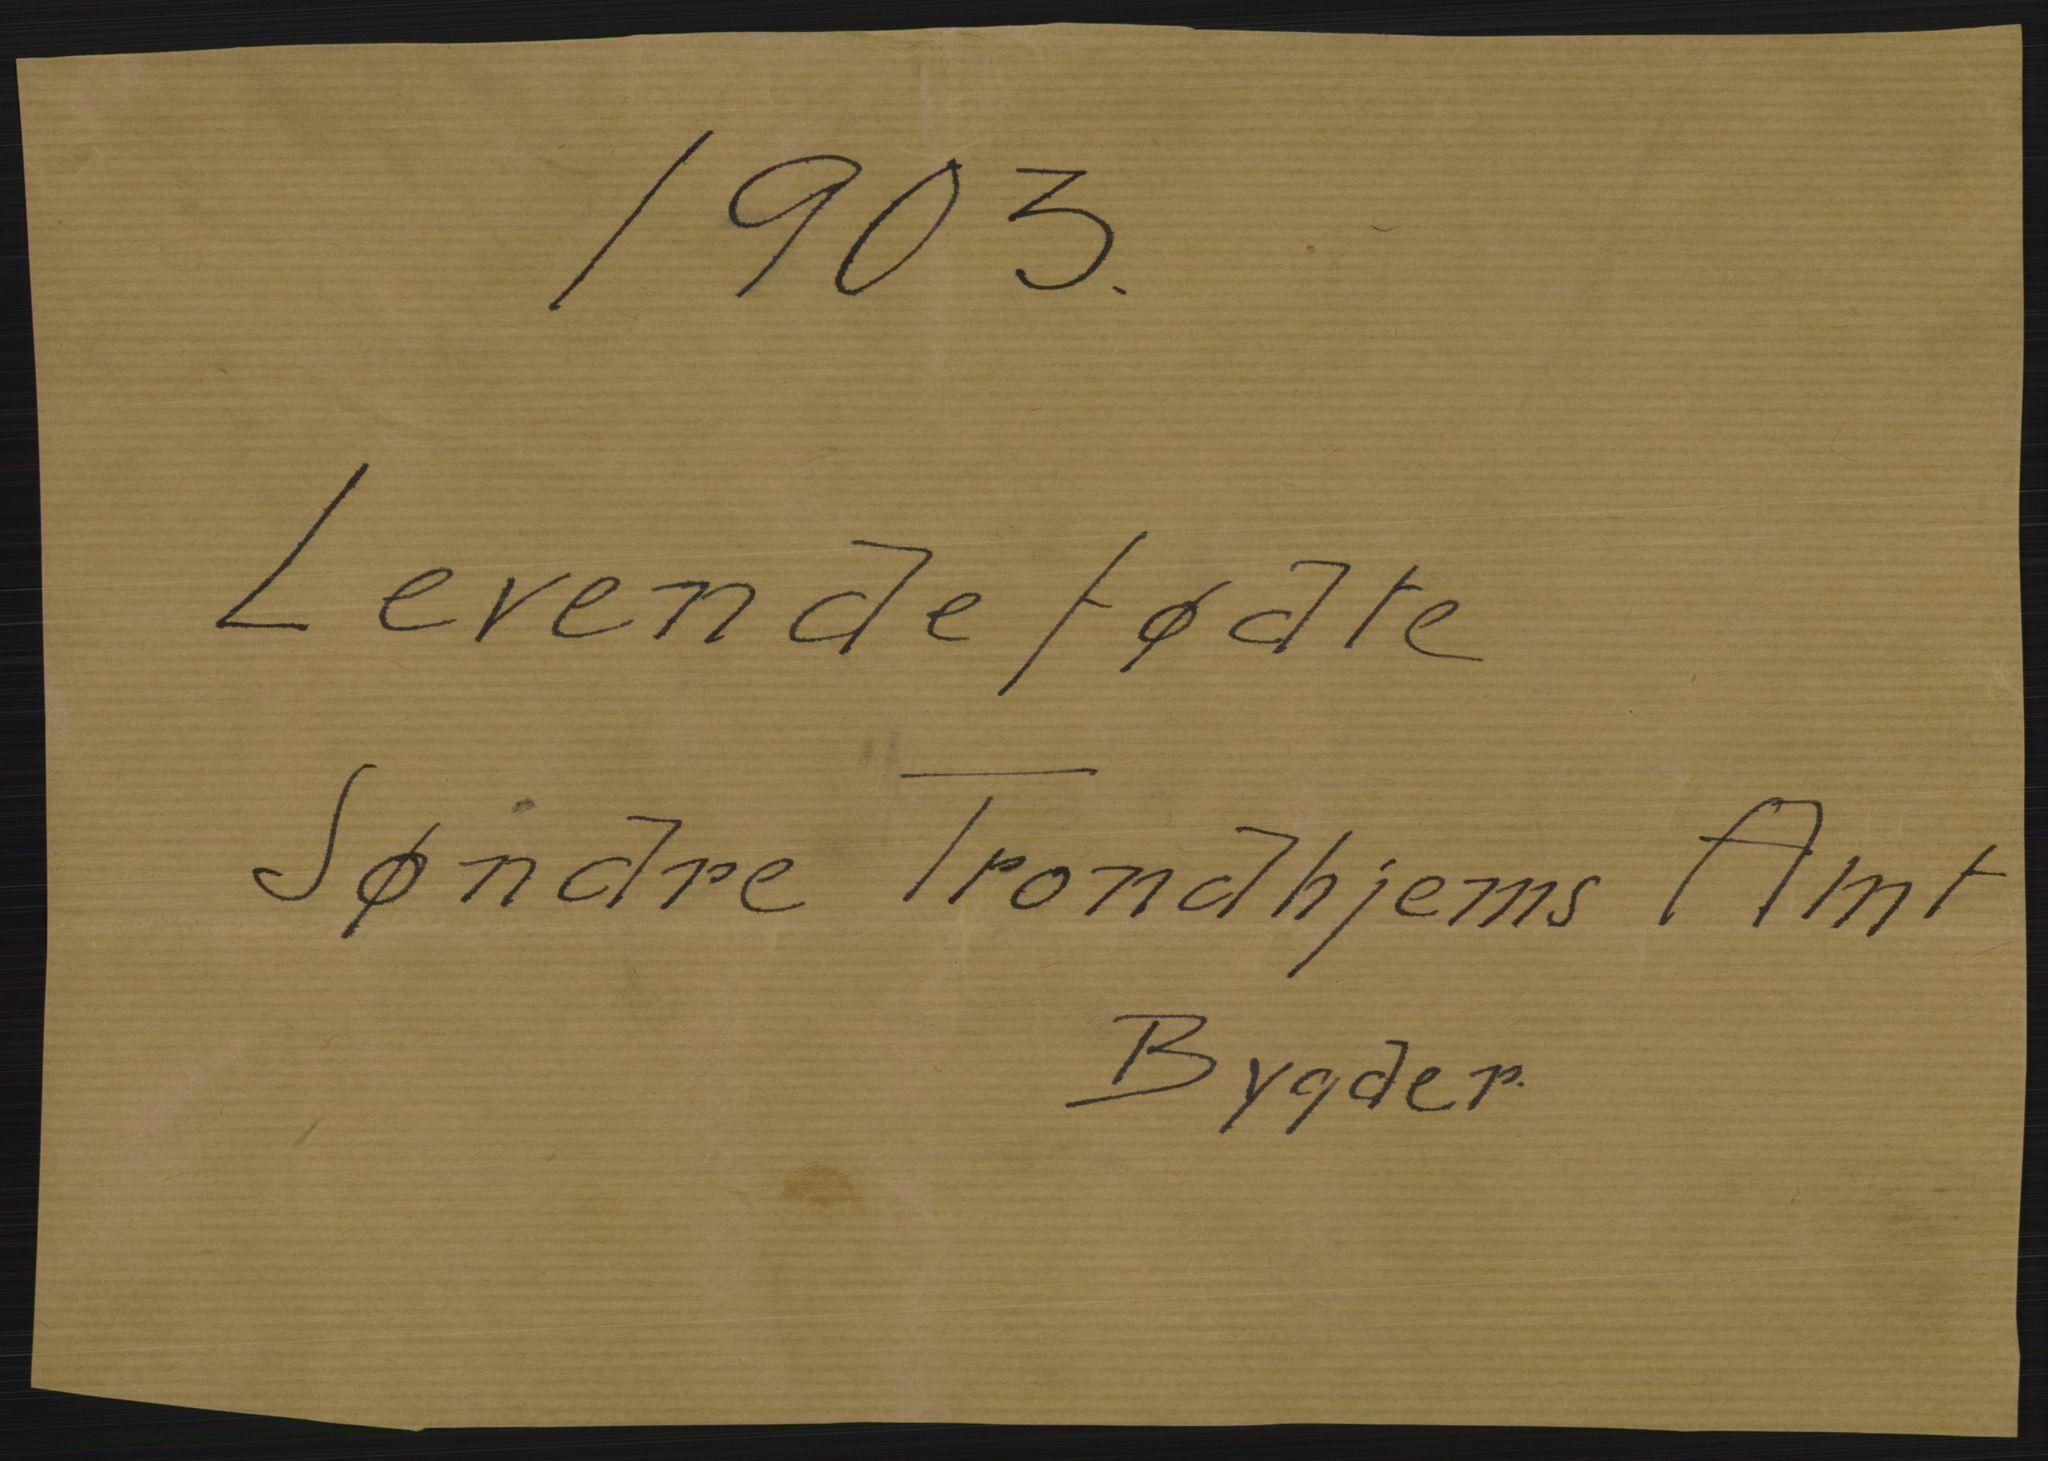 RA, Statistisk sentralbyrå, Sosiodemografiske emner, Befolkning, D/Df/Dfa/Dfaa/L0017: Søndre Trondhjems amt: Fødte, gifte, døde., 1903, p. 1